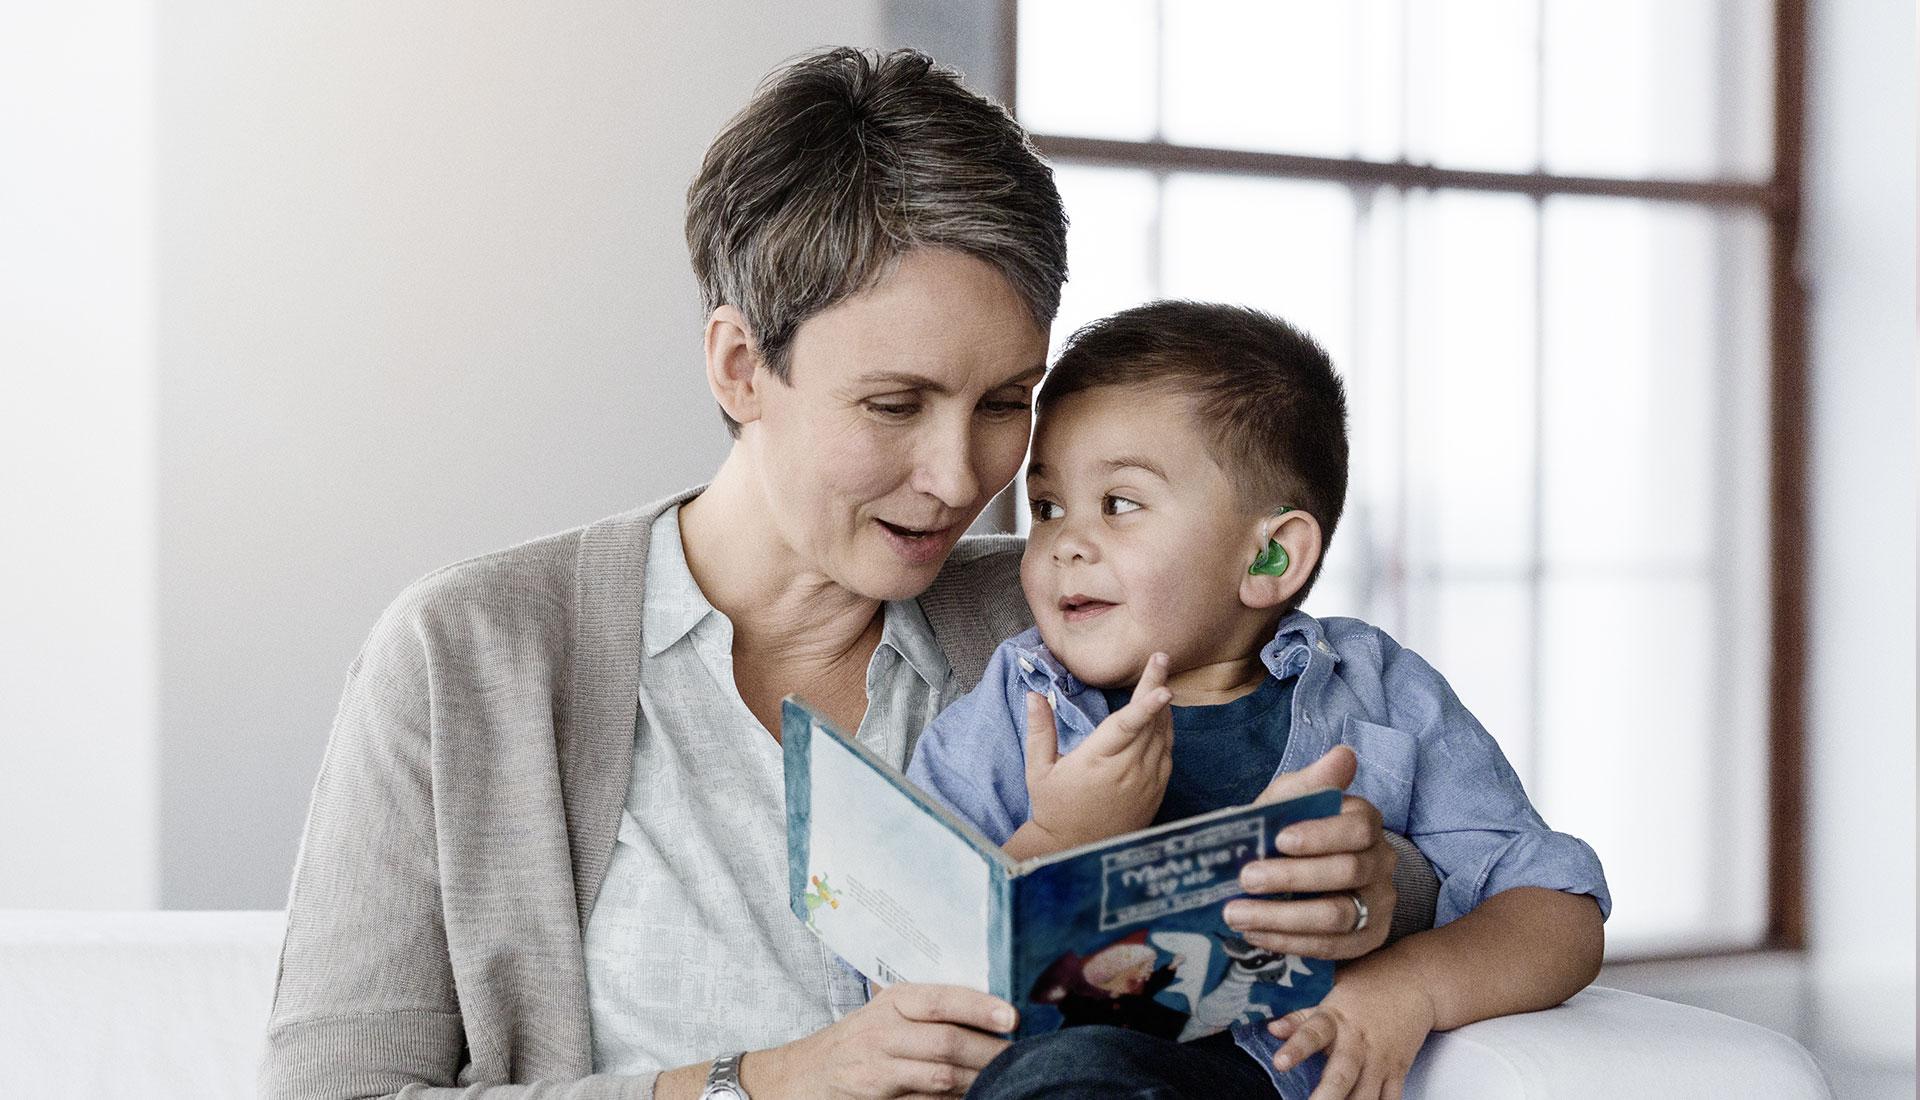 mère en train de raconter une histoire, de lire un livre avec son enfant atteinte de perte auditive